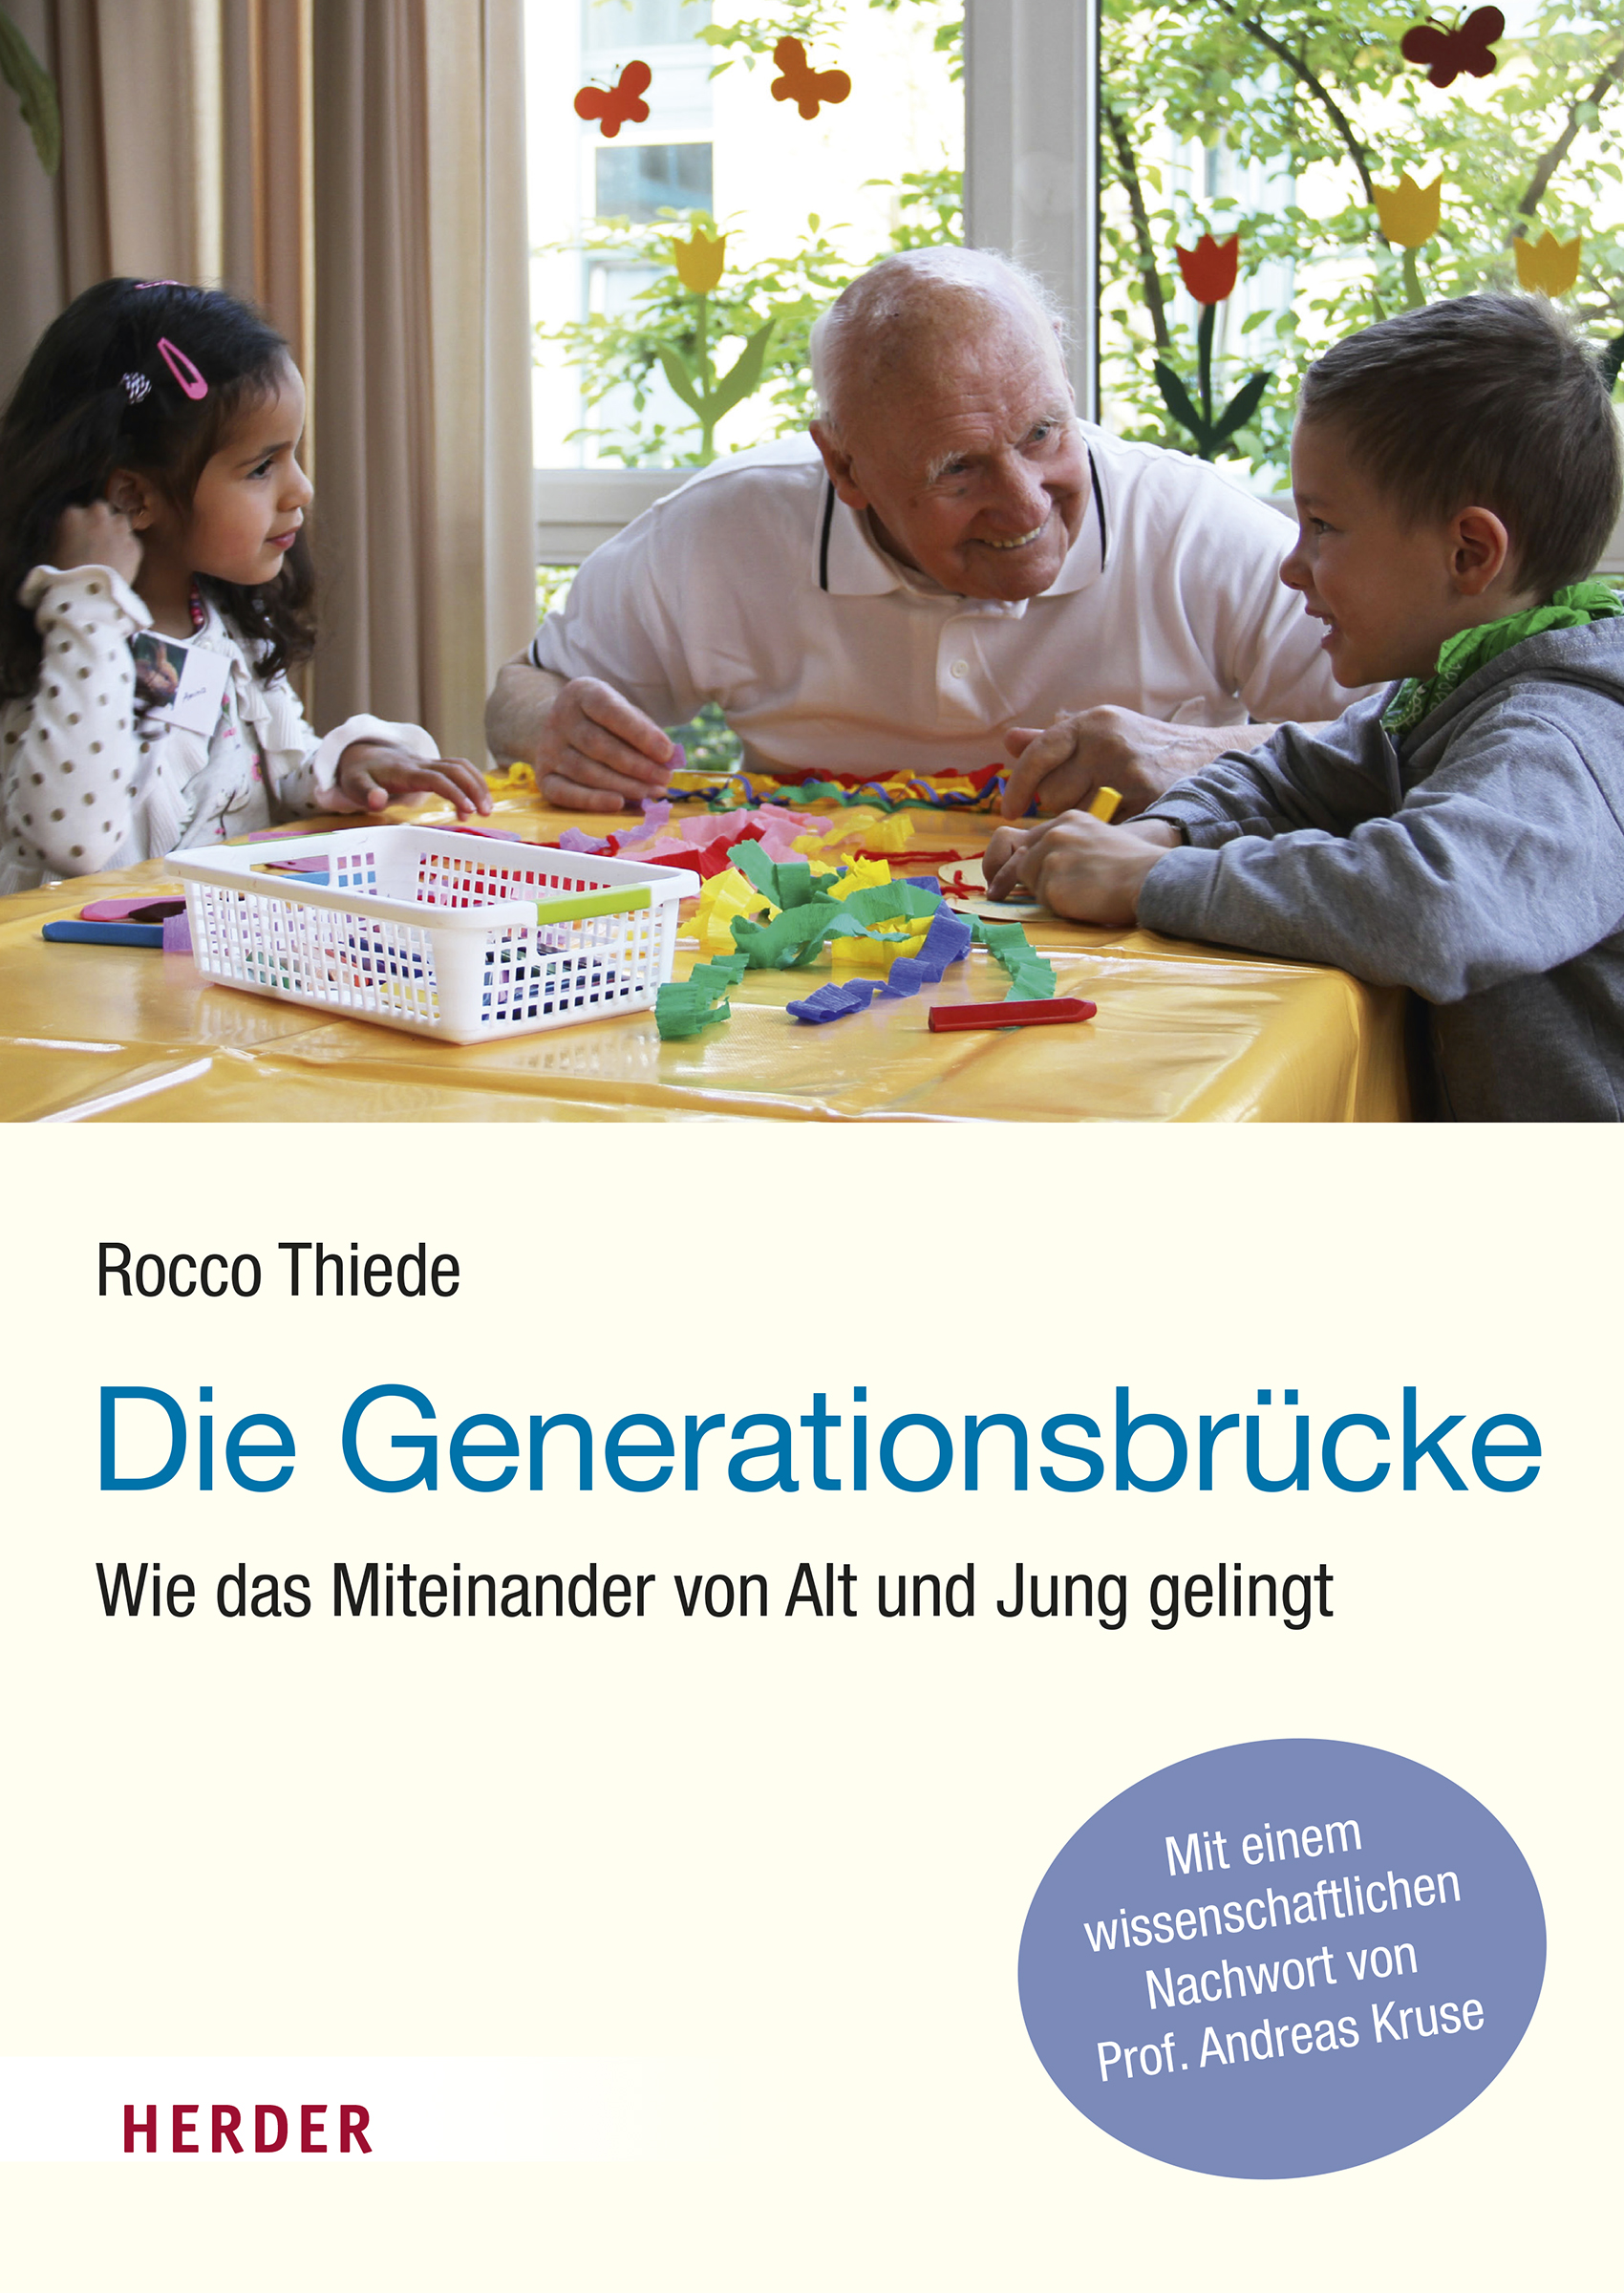 Die Generationsbrücke